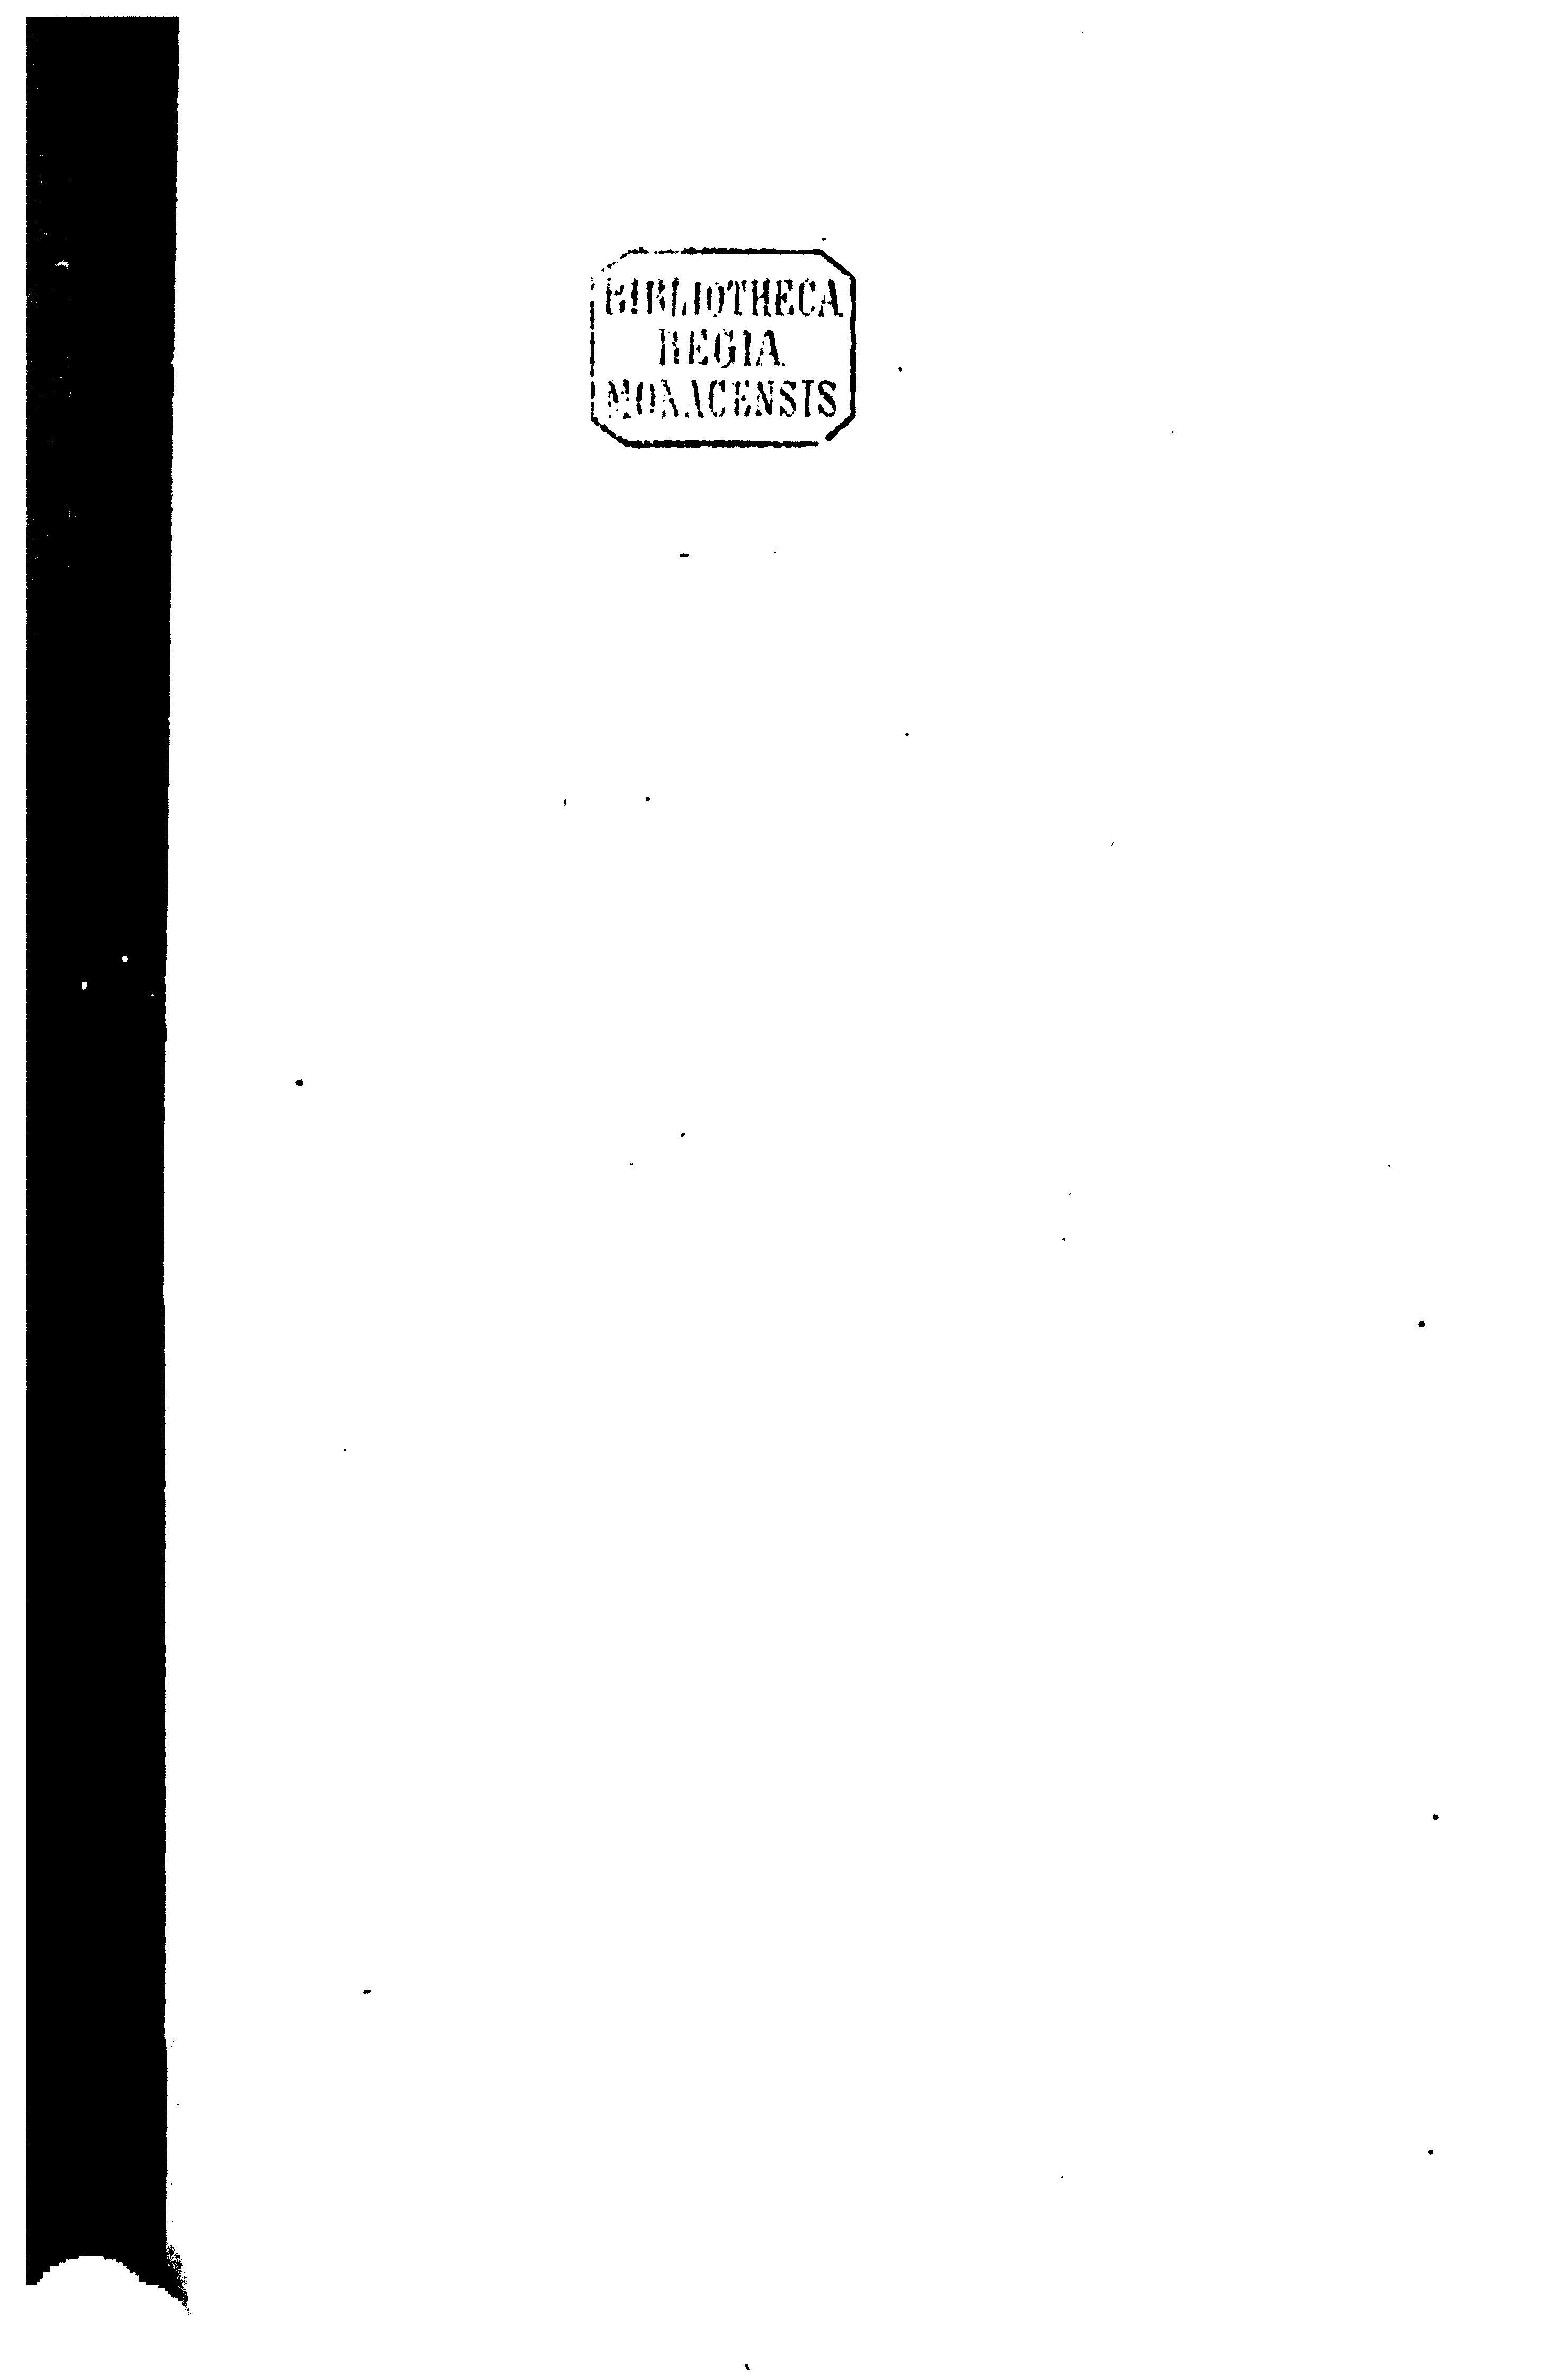 bio k plus davis pdf